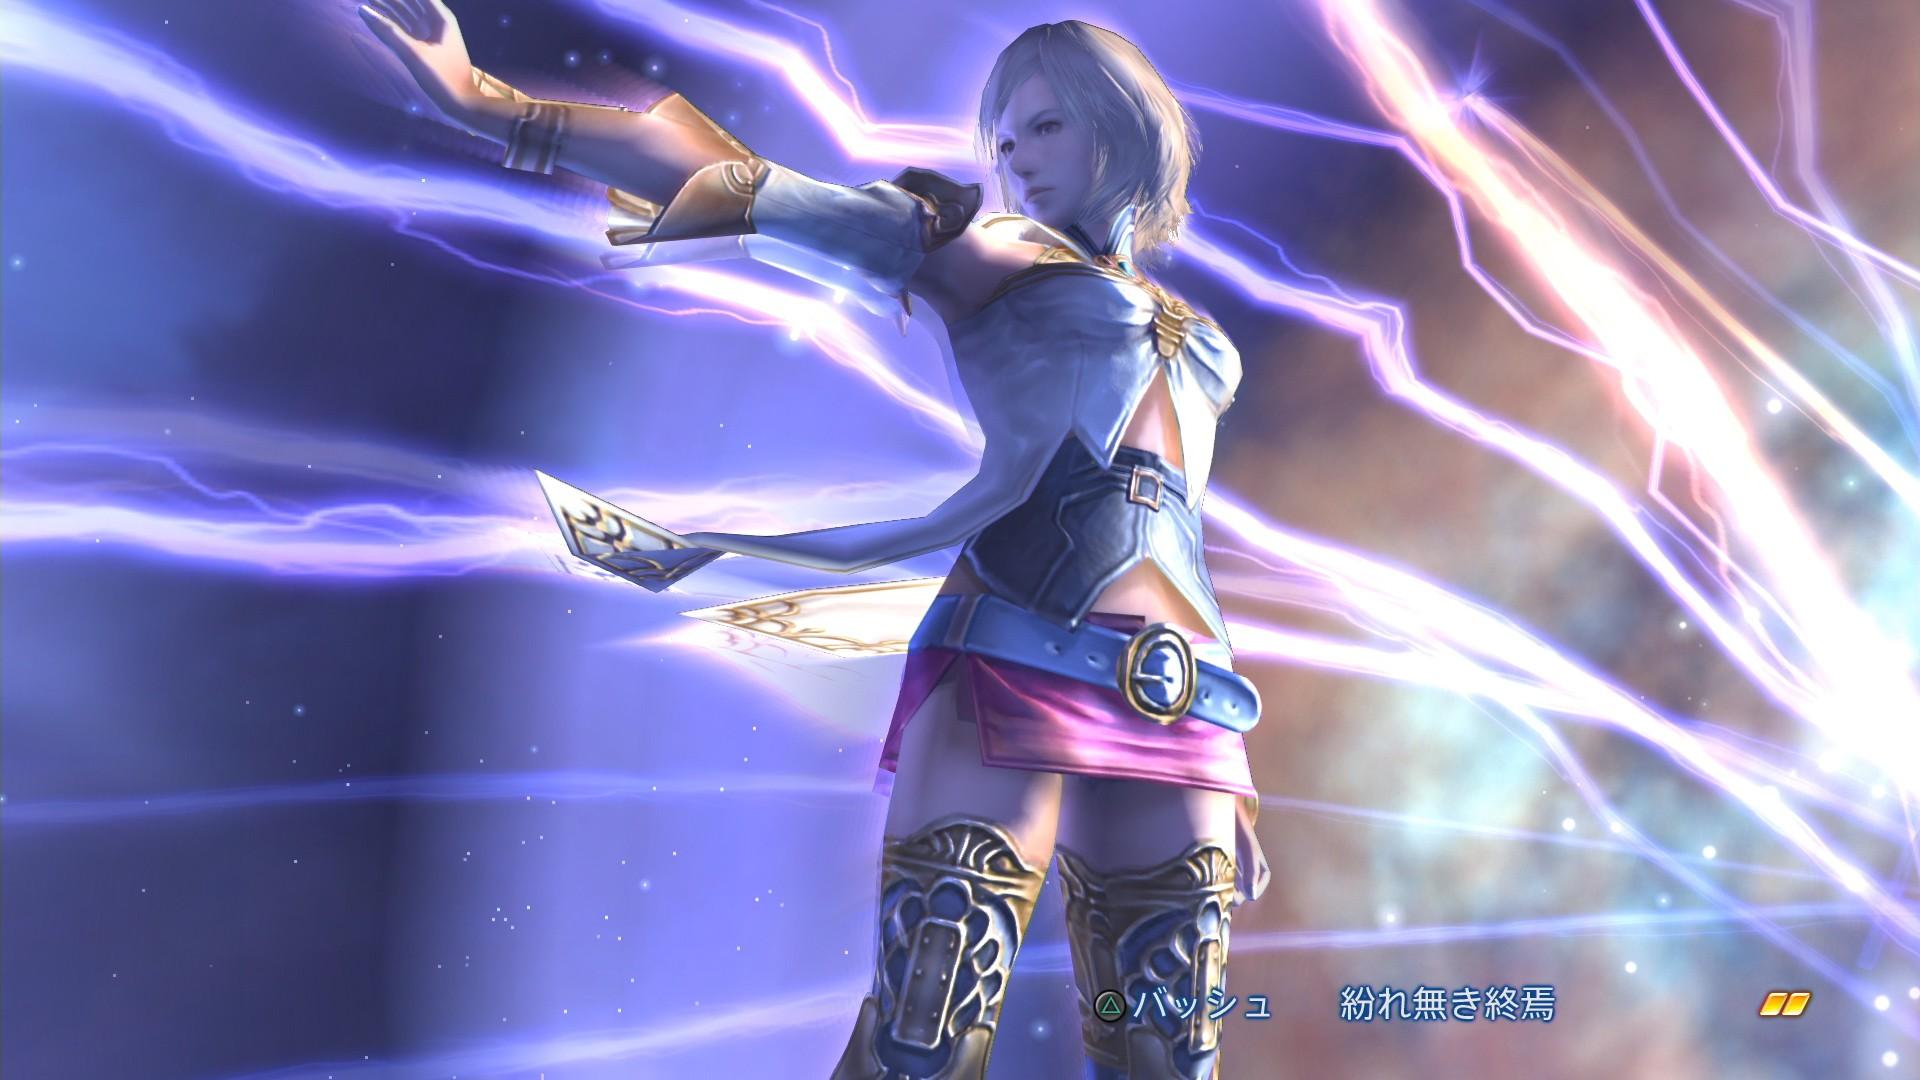 Lov, klany a nepřátelé z Final Fantasy XII: The Zodiac Age na screenshotech 146294